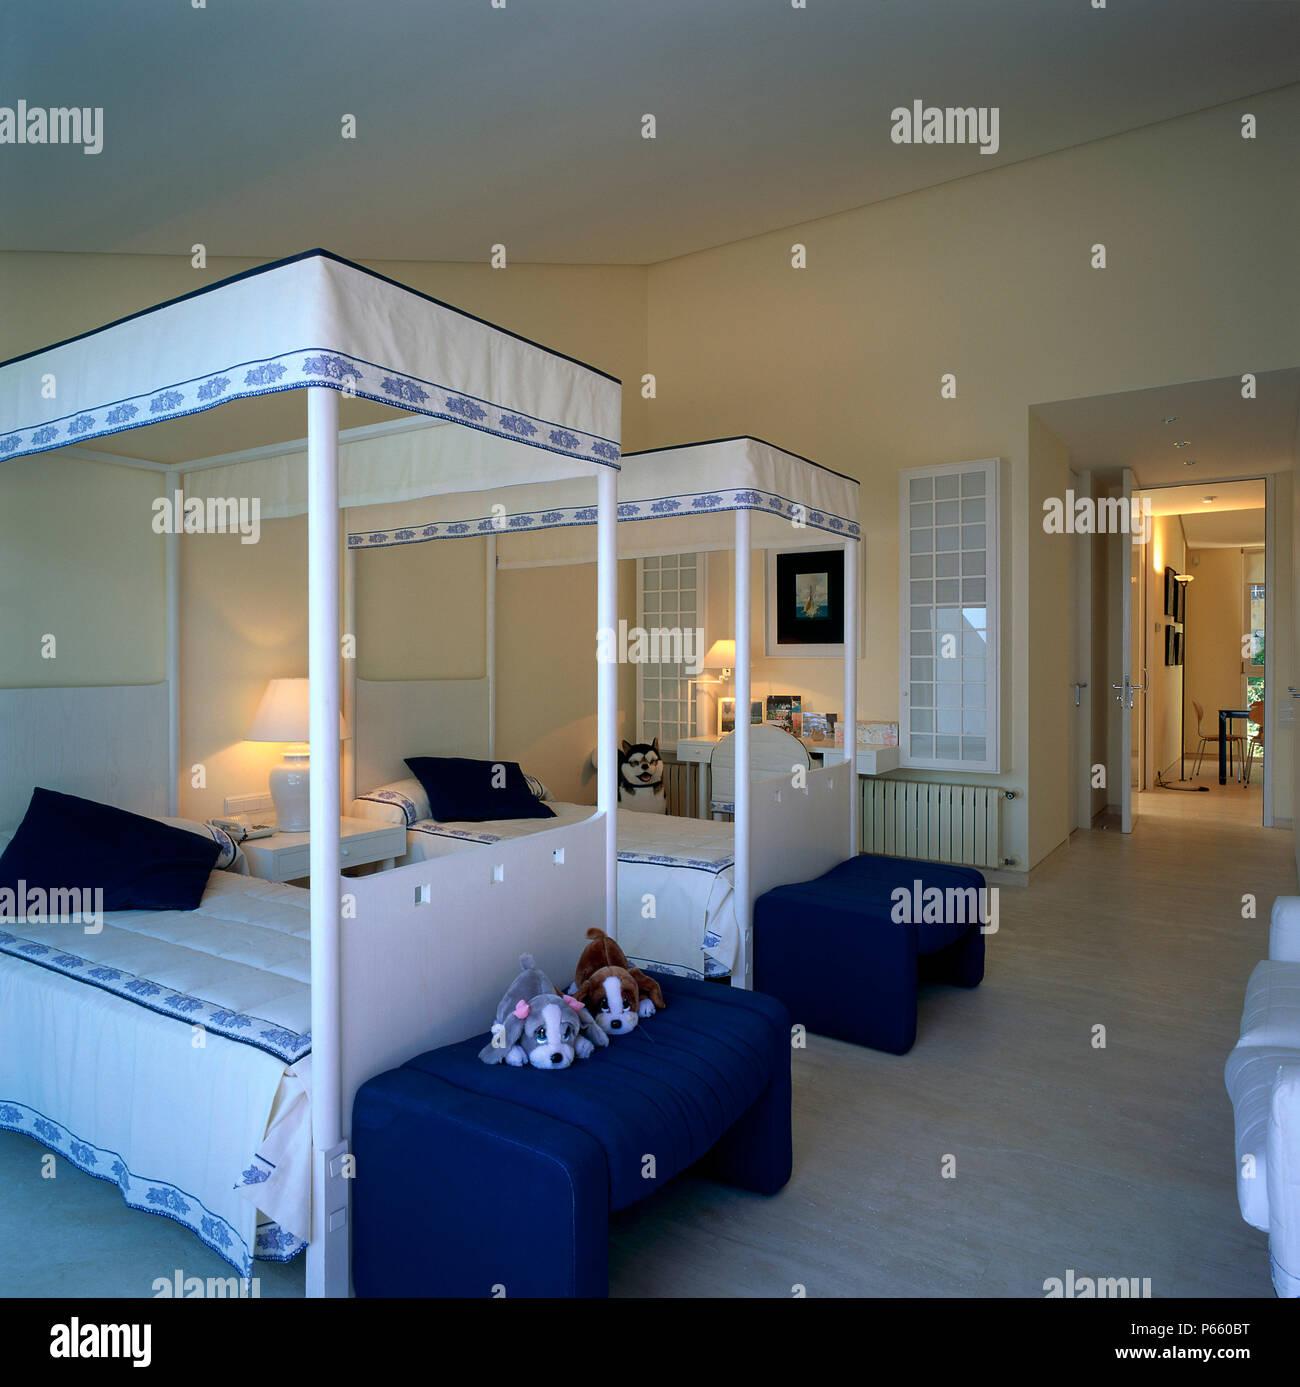 Blick Auf Zwei Betten In Einem Kinder Zimmer Stockfoto Bild